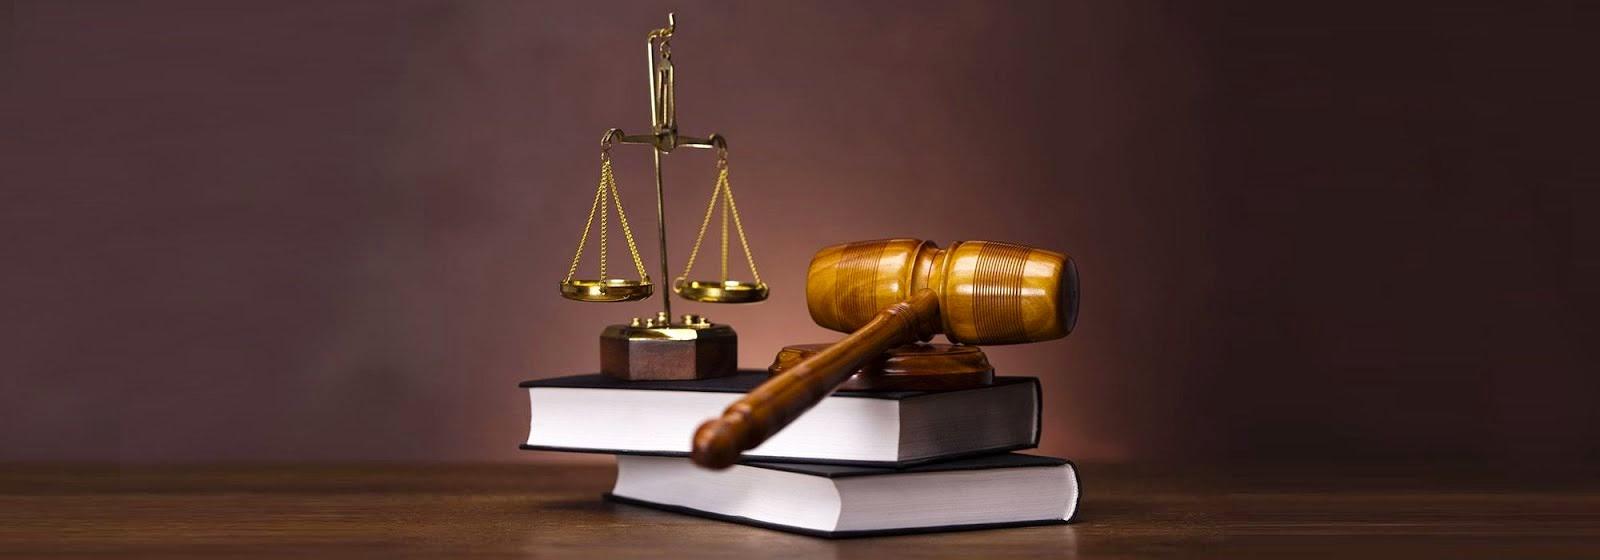 Estudio Jurídico & Centro de Mediación